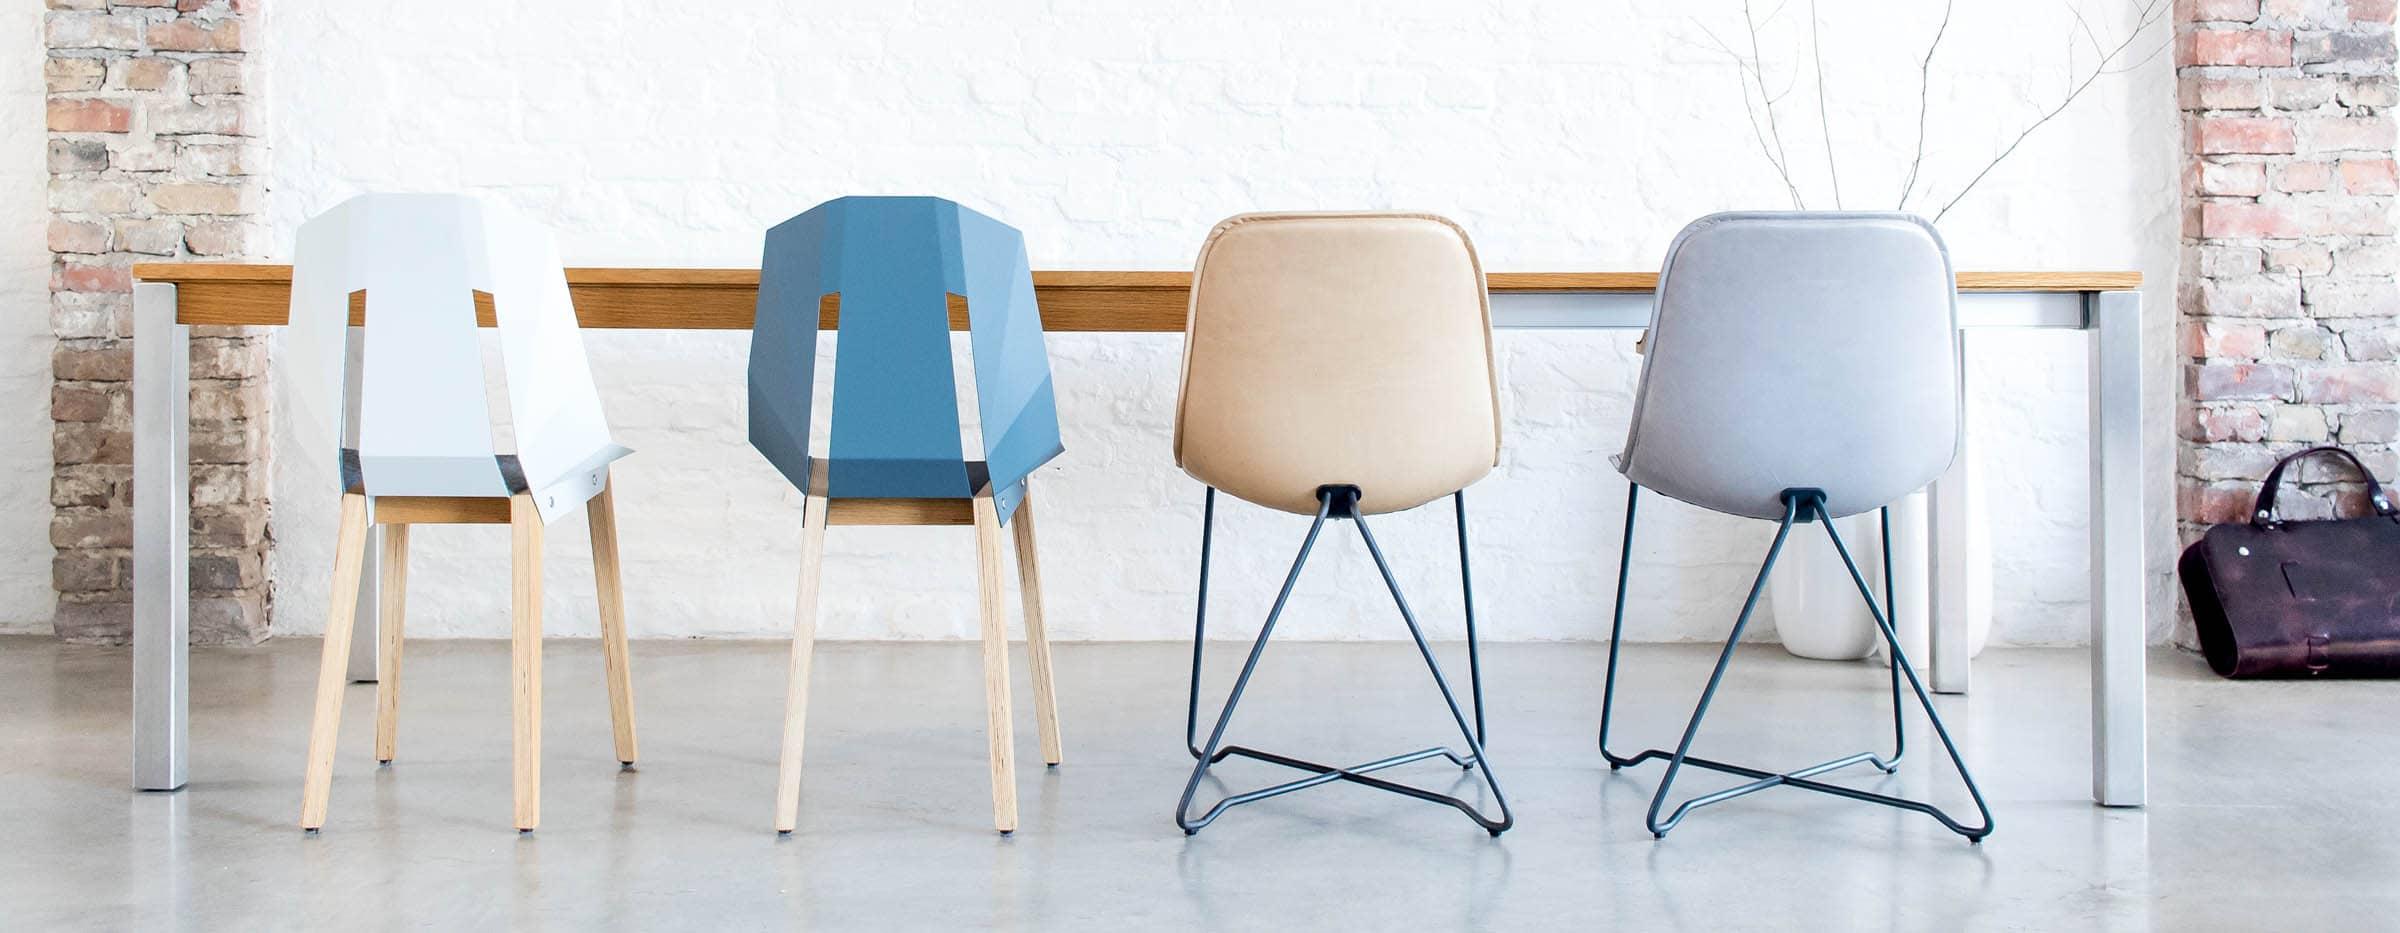 Massivholz Ausziehtisch Bankett mit Design Stühlen von MBzwo